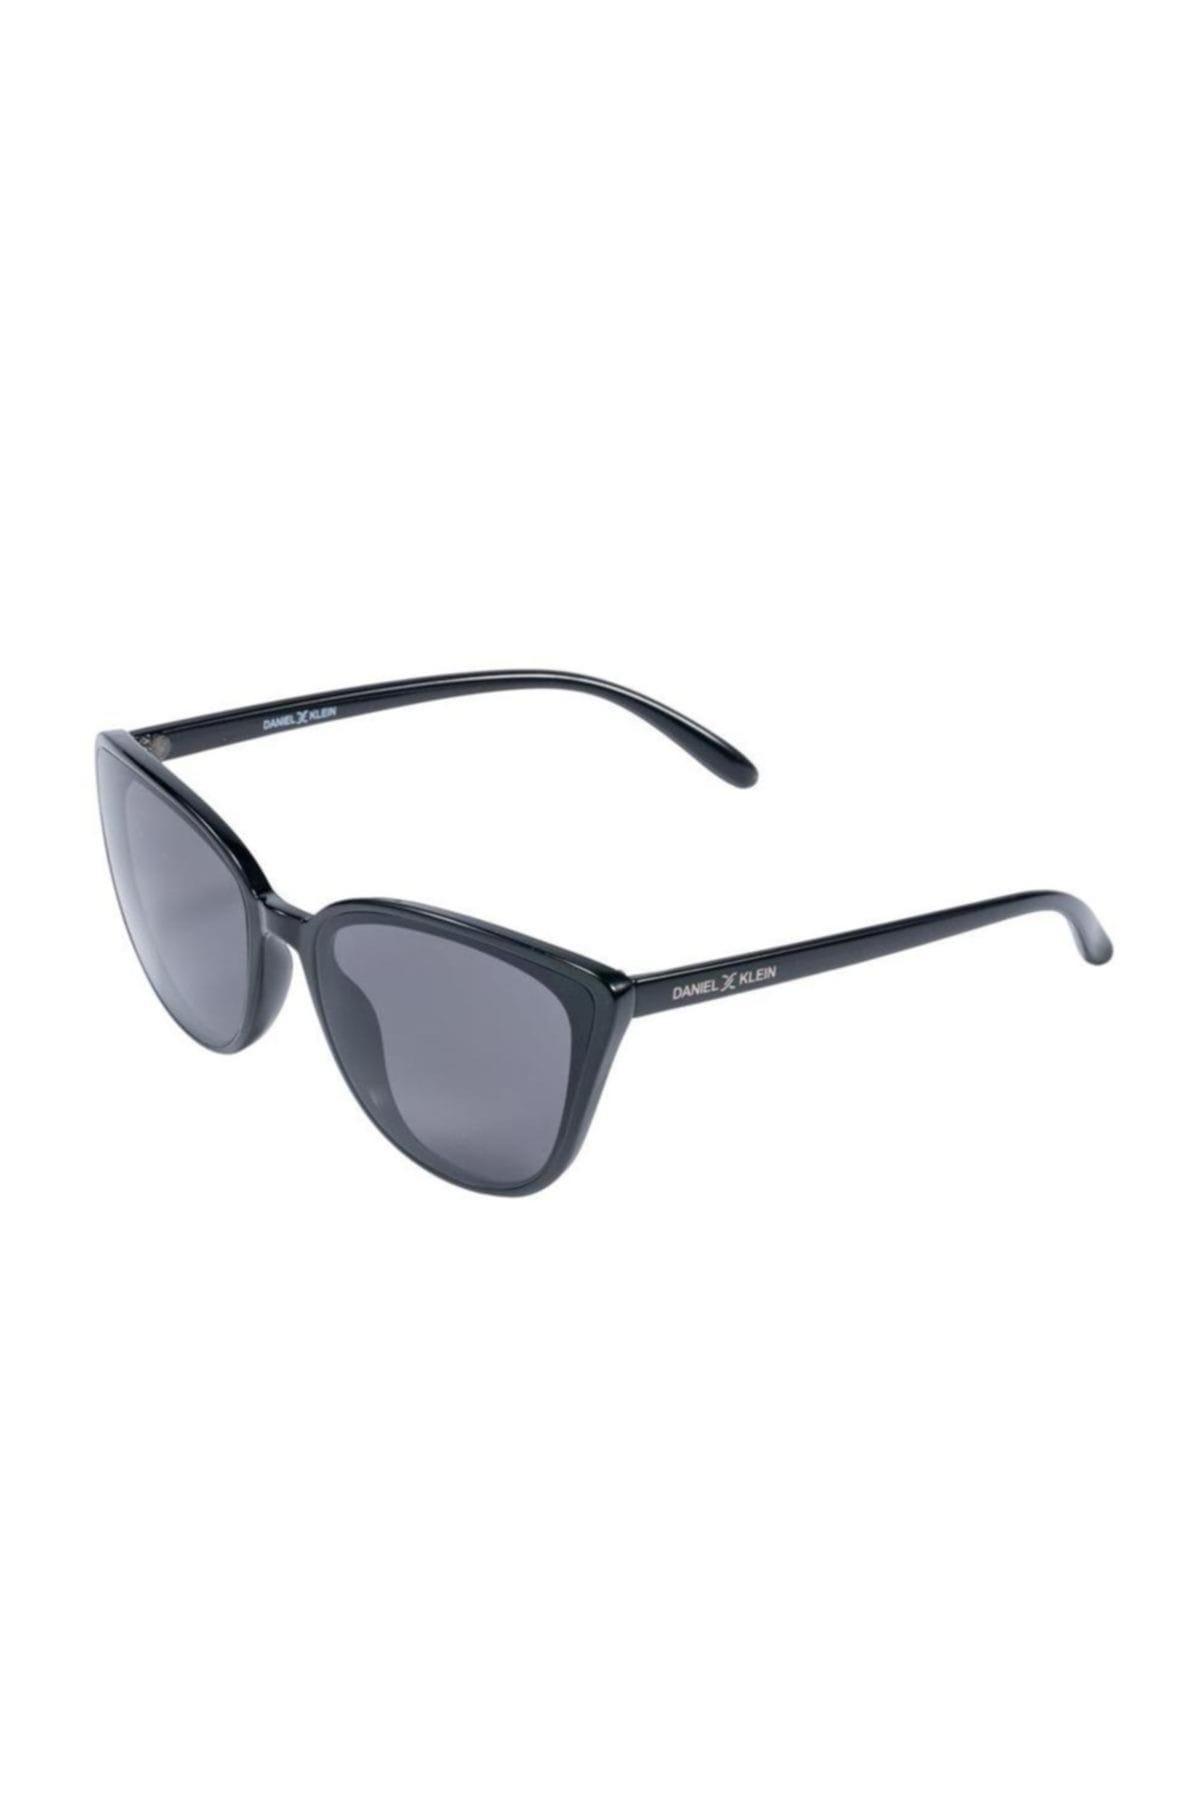 خرید اینترنتی عینک آفتابی خاص زنانه برند Daniel Klein رنگ مشکی کد ty5898756